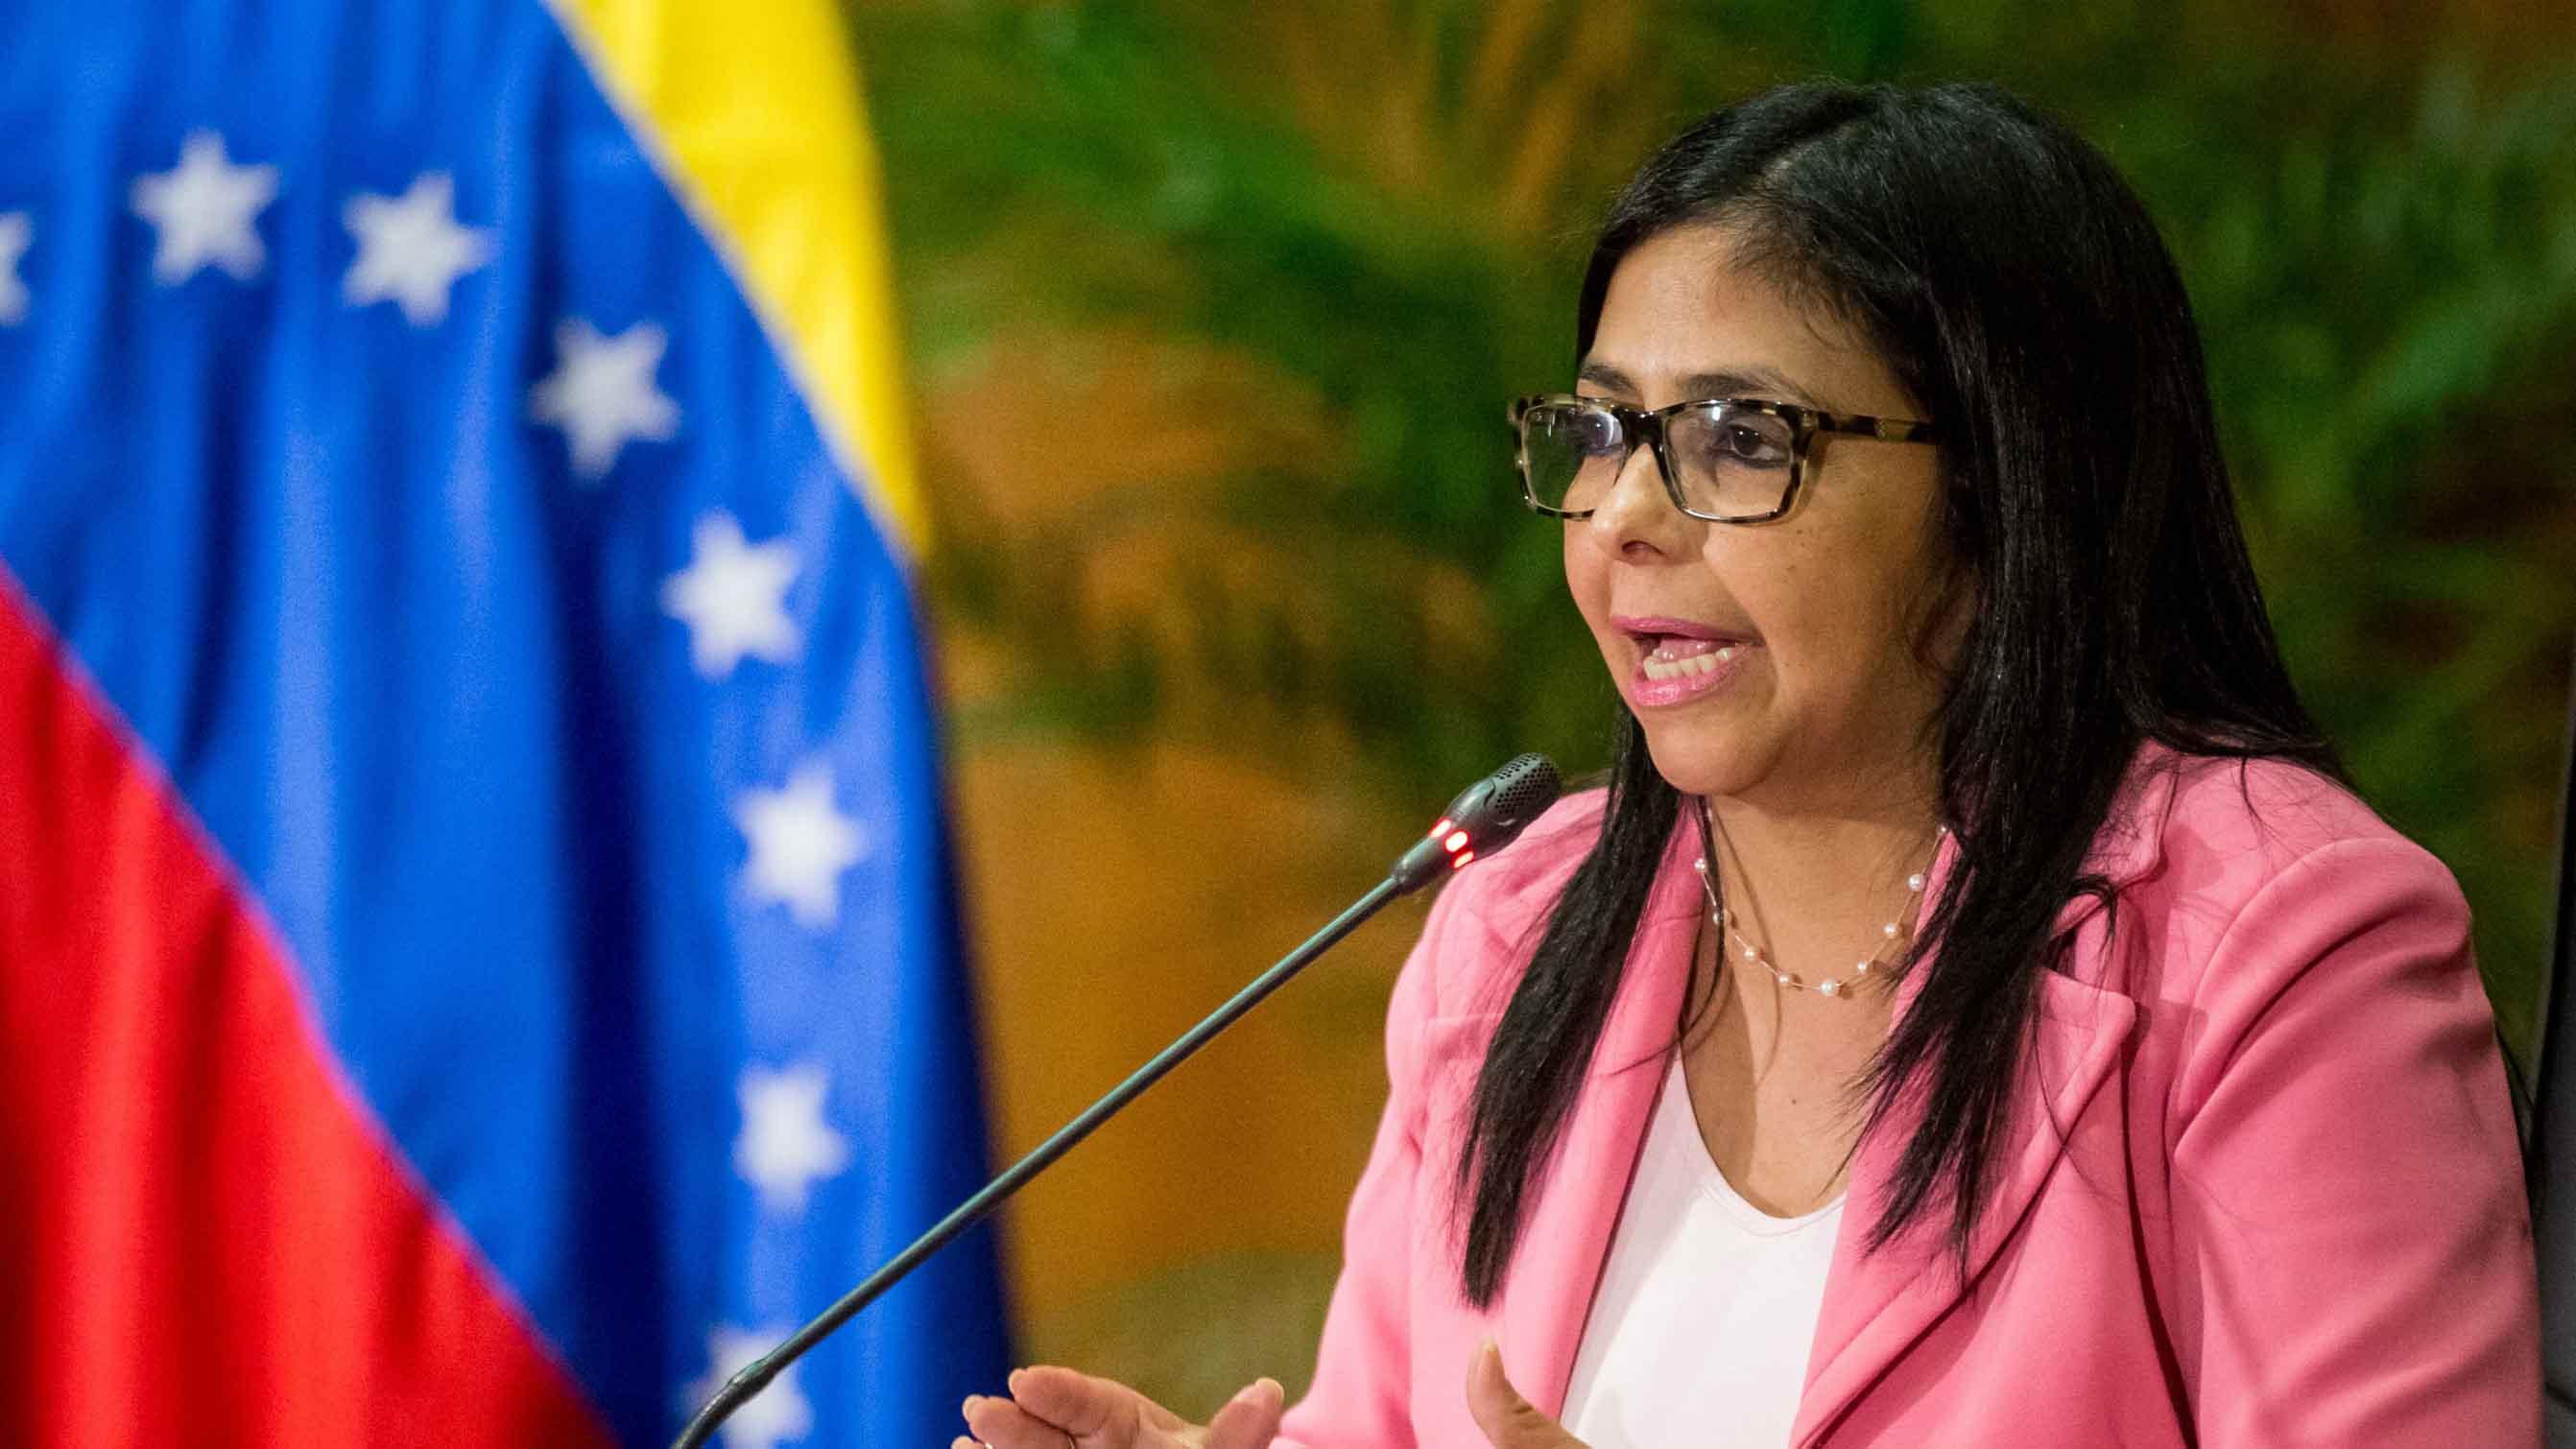 """La presidenta de la Asamblea Nacional Constituyente """"culpó"""" a los lideres de la oposición asegurando que """"buscan perjudicar al pueblo de Venezuela"""""""